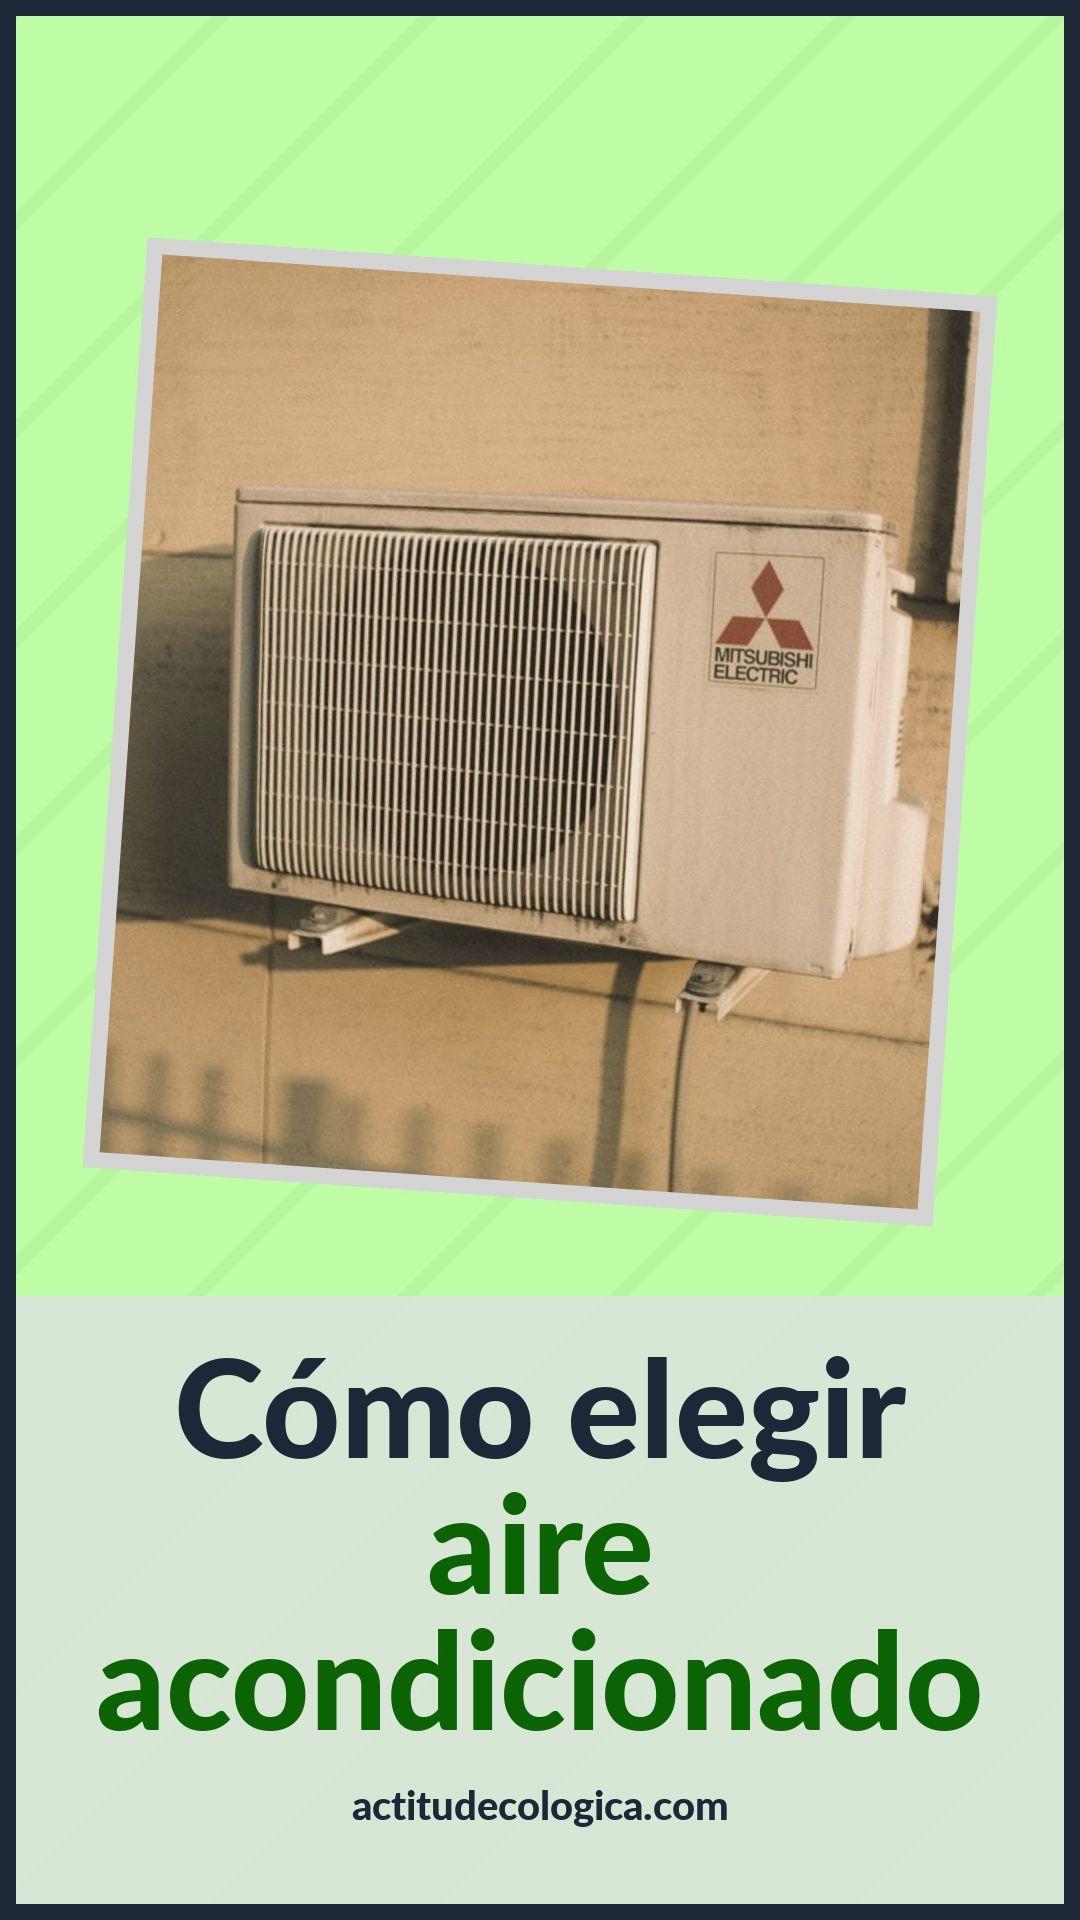 El equipo de aire acondicionado suele ser el gran olvidado